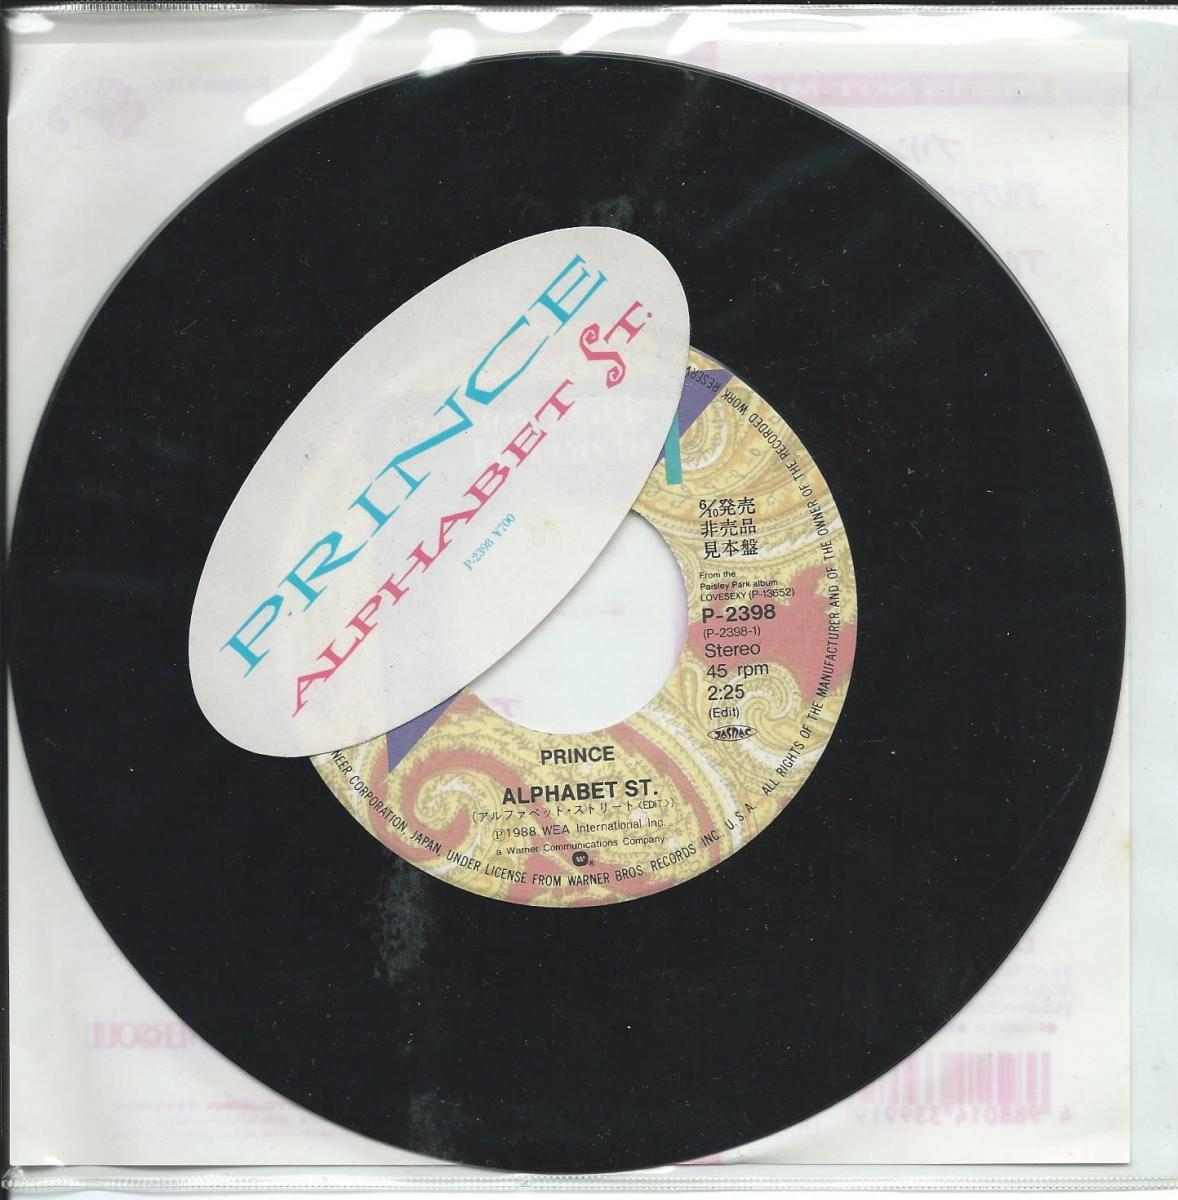 プリンス PRINCE / アルファベット・ストリート ALPHABET ST. (7